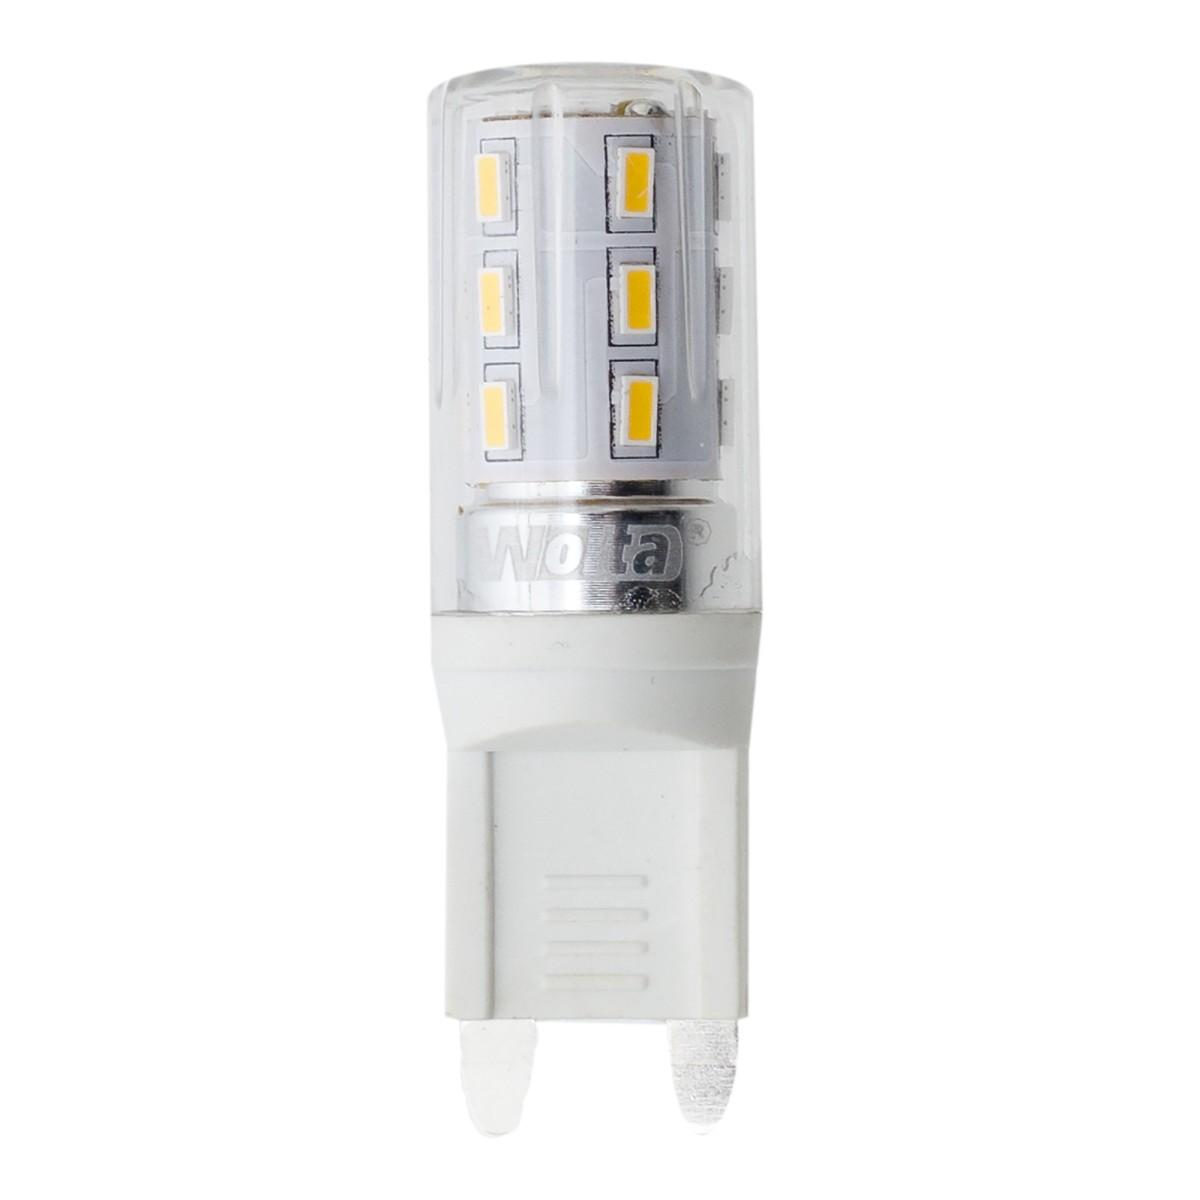 Лампа светодиодная Wolta капсула G9 2.5 Вт 200 Лм свет тёплый белый